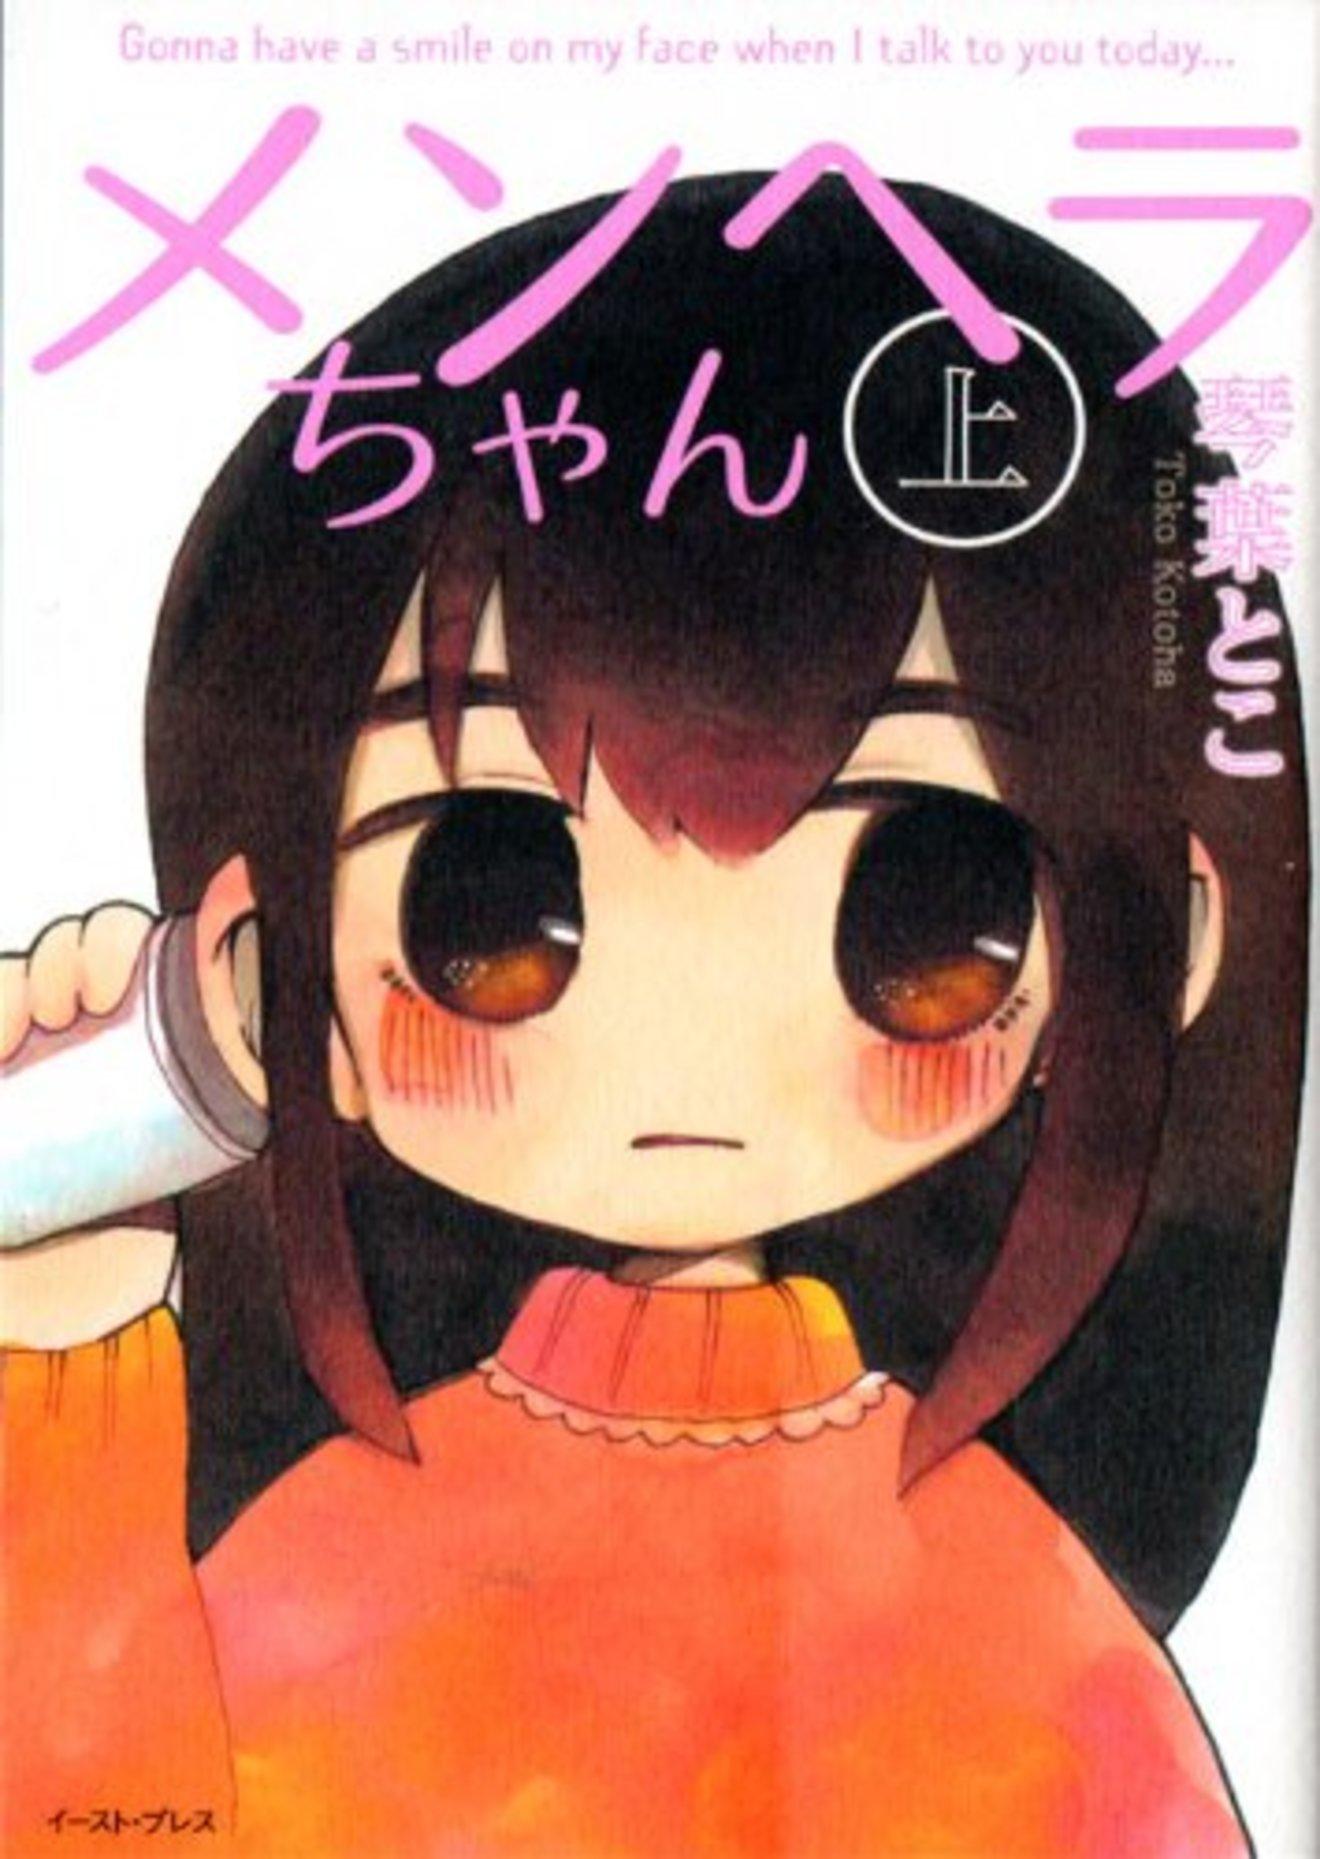 笑えて泣ける漫画『メンヘラちゃん』が面白い!当時中学生の琴葉とこが凄い